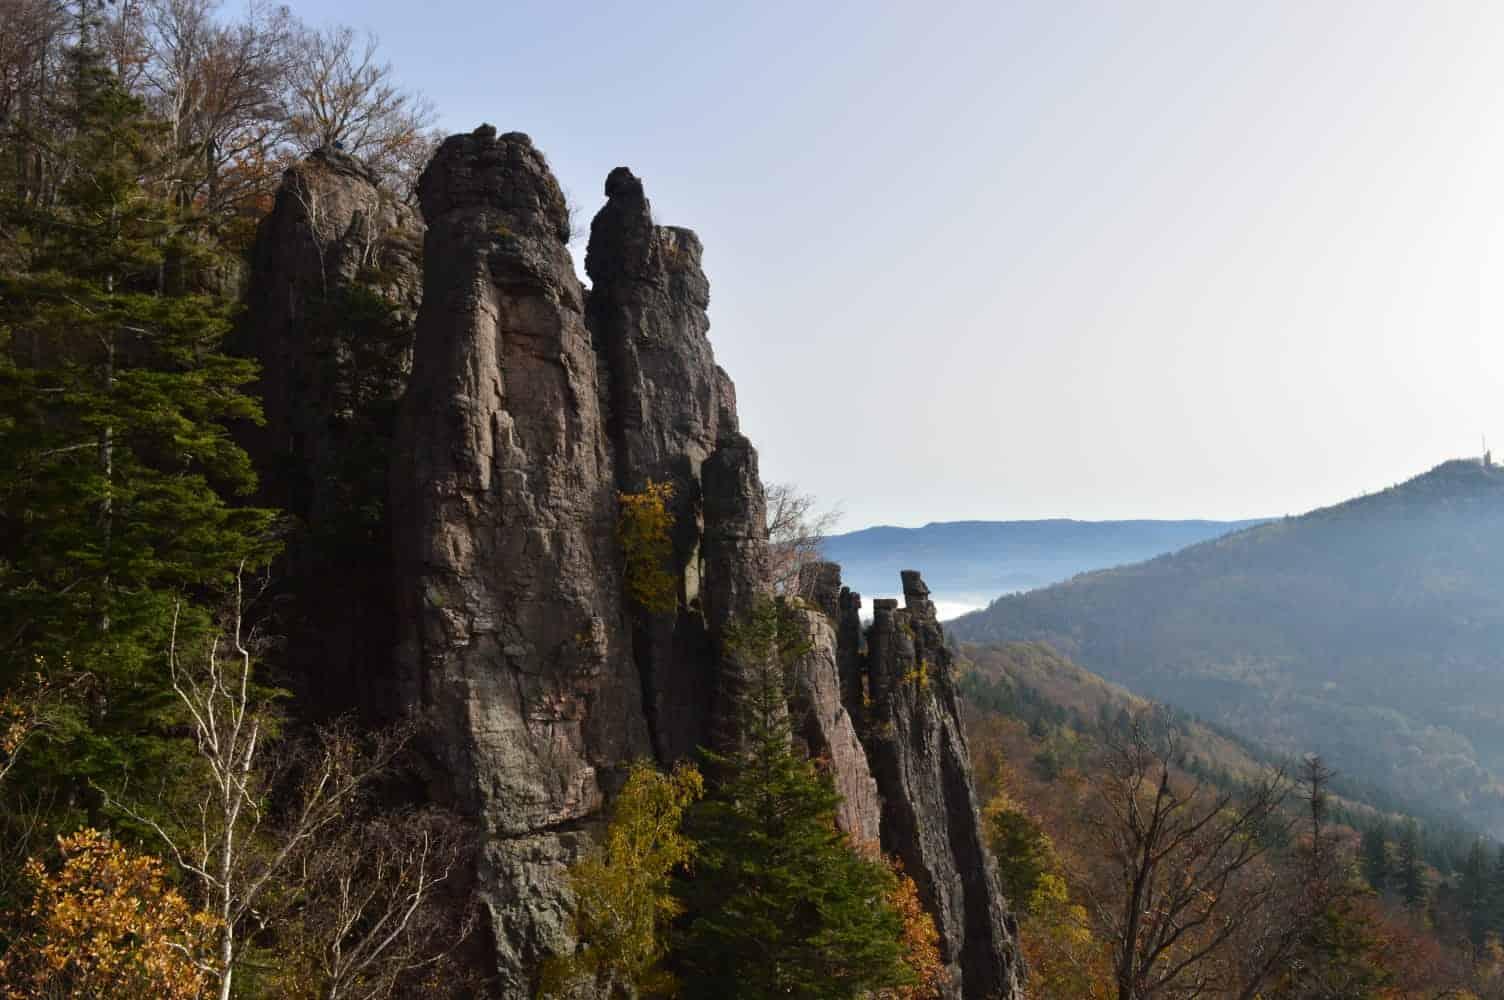 Klettern am Battert